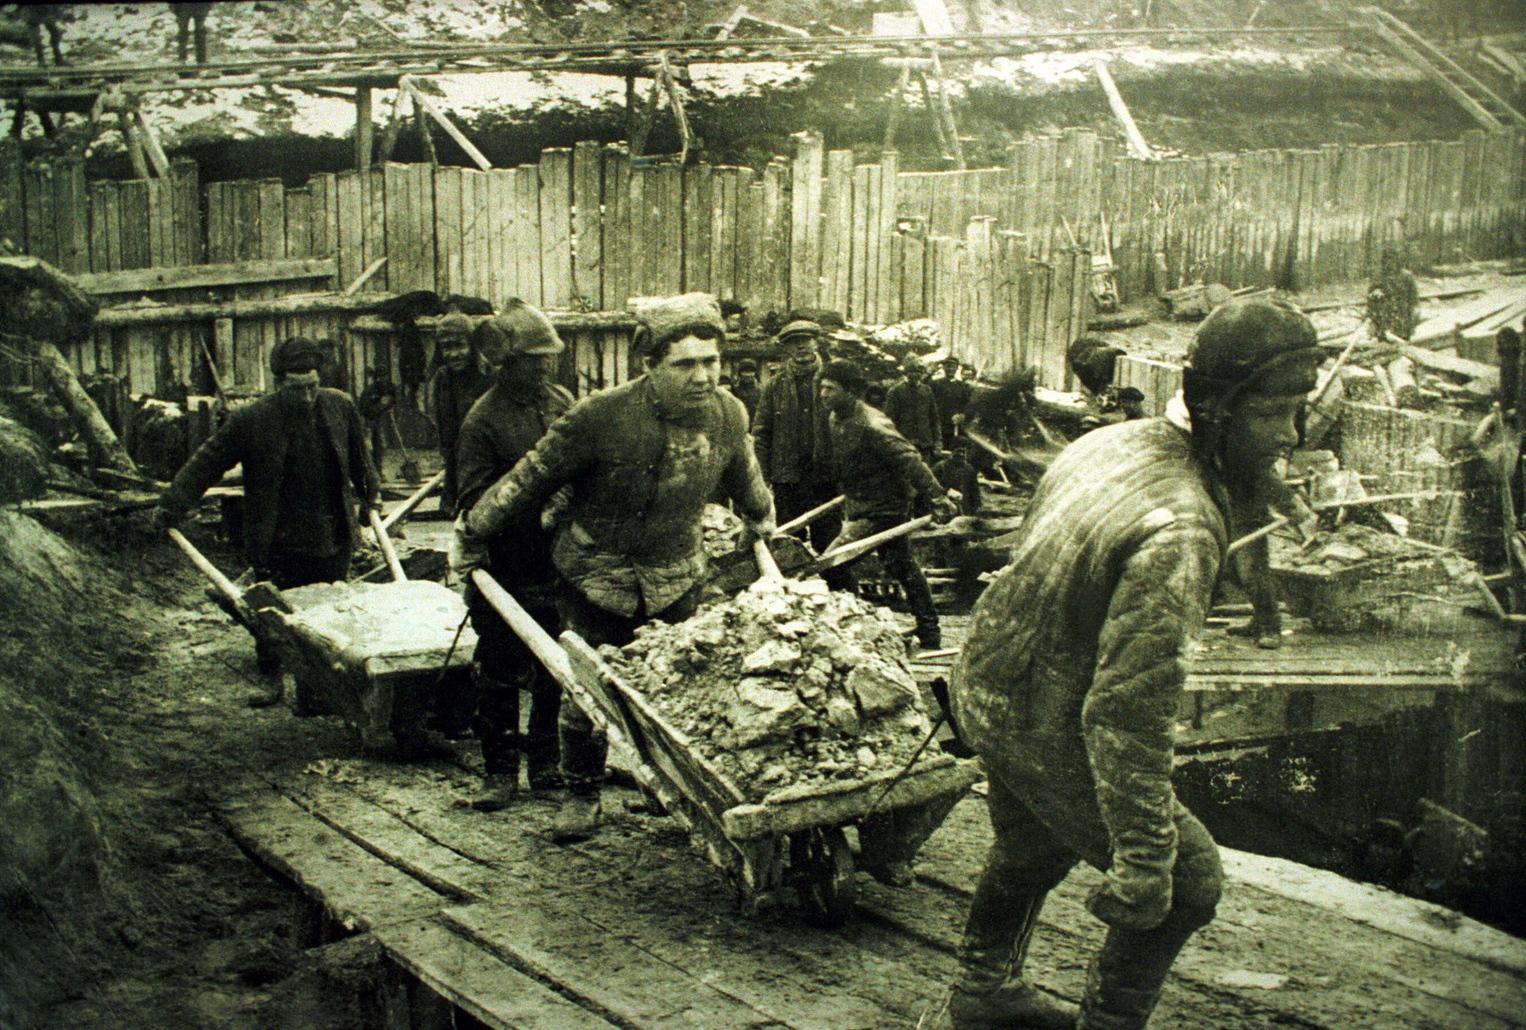 Kubikos munka egy egykori Gulag-táborban, valahol Európában az 1940-es, 50-es években (MTI-fotó: reprodukció/Memorial Egyesület Moszkva)